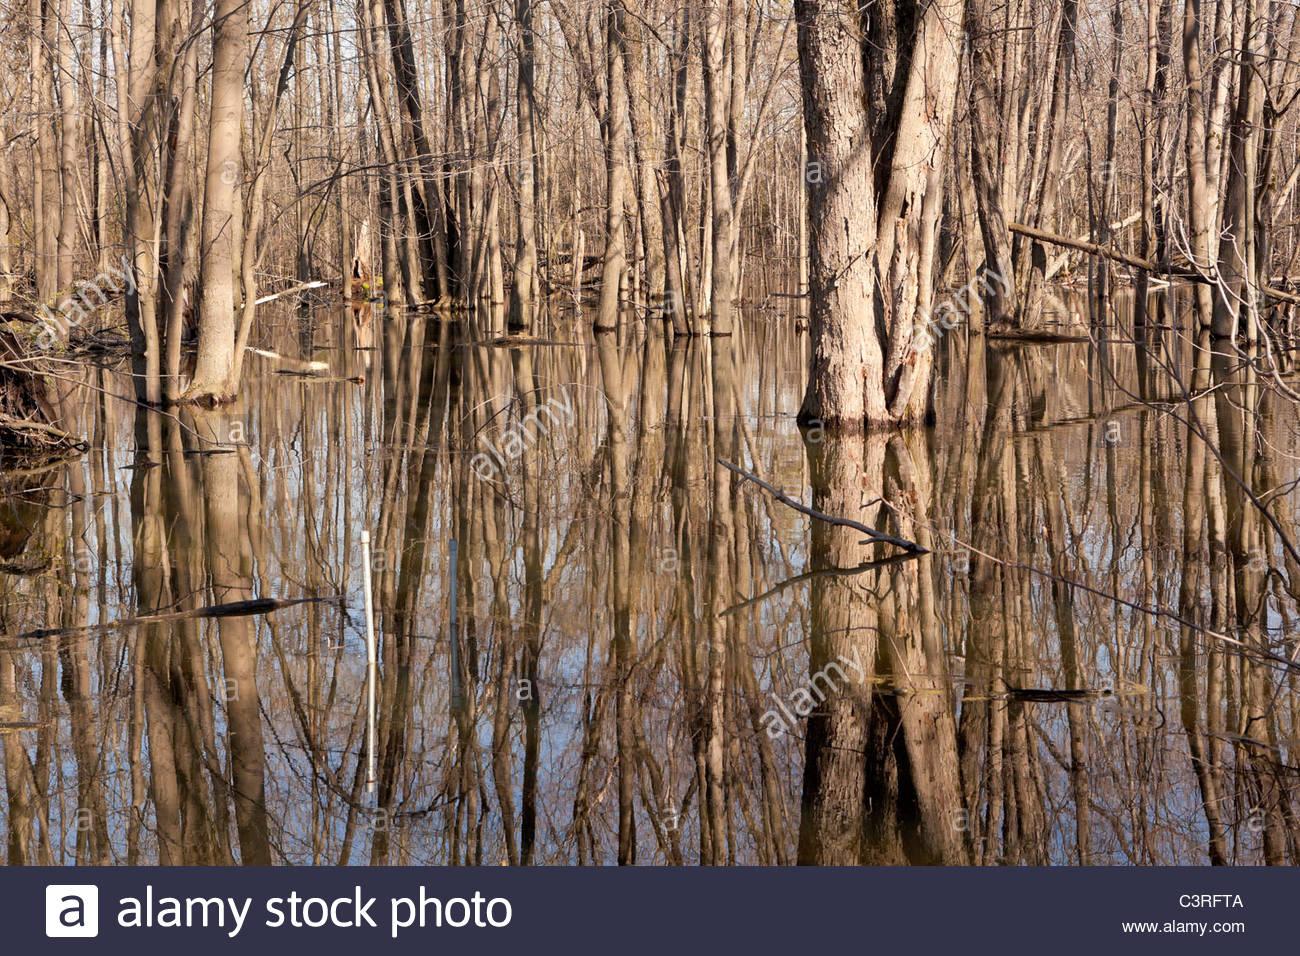 L'inondation du printemps par le jupon Creek dans le parc de la Rouge d'un désert urbain, à Pickering, Ontario Canada Banque D'Images